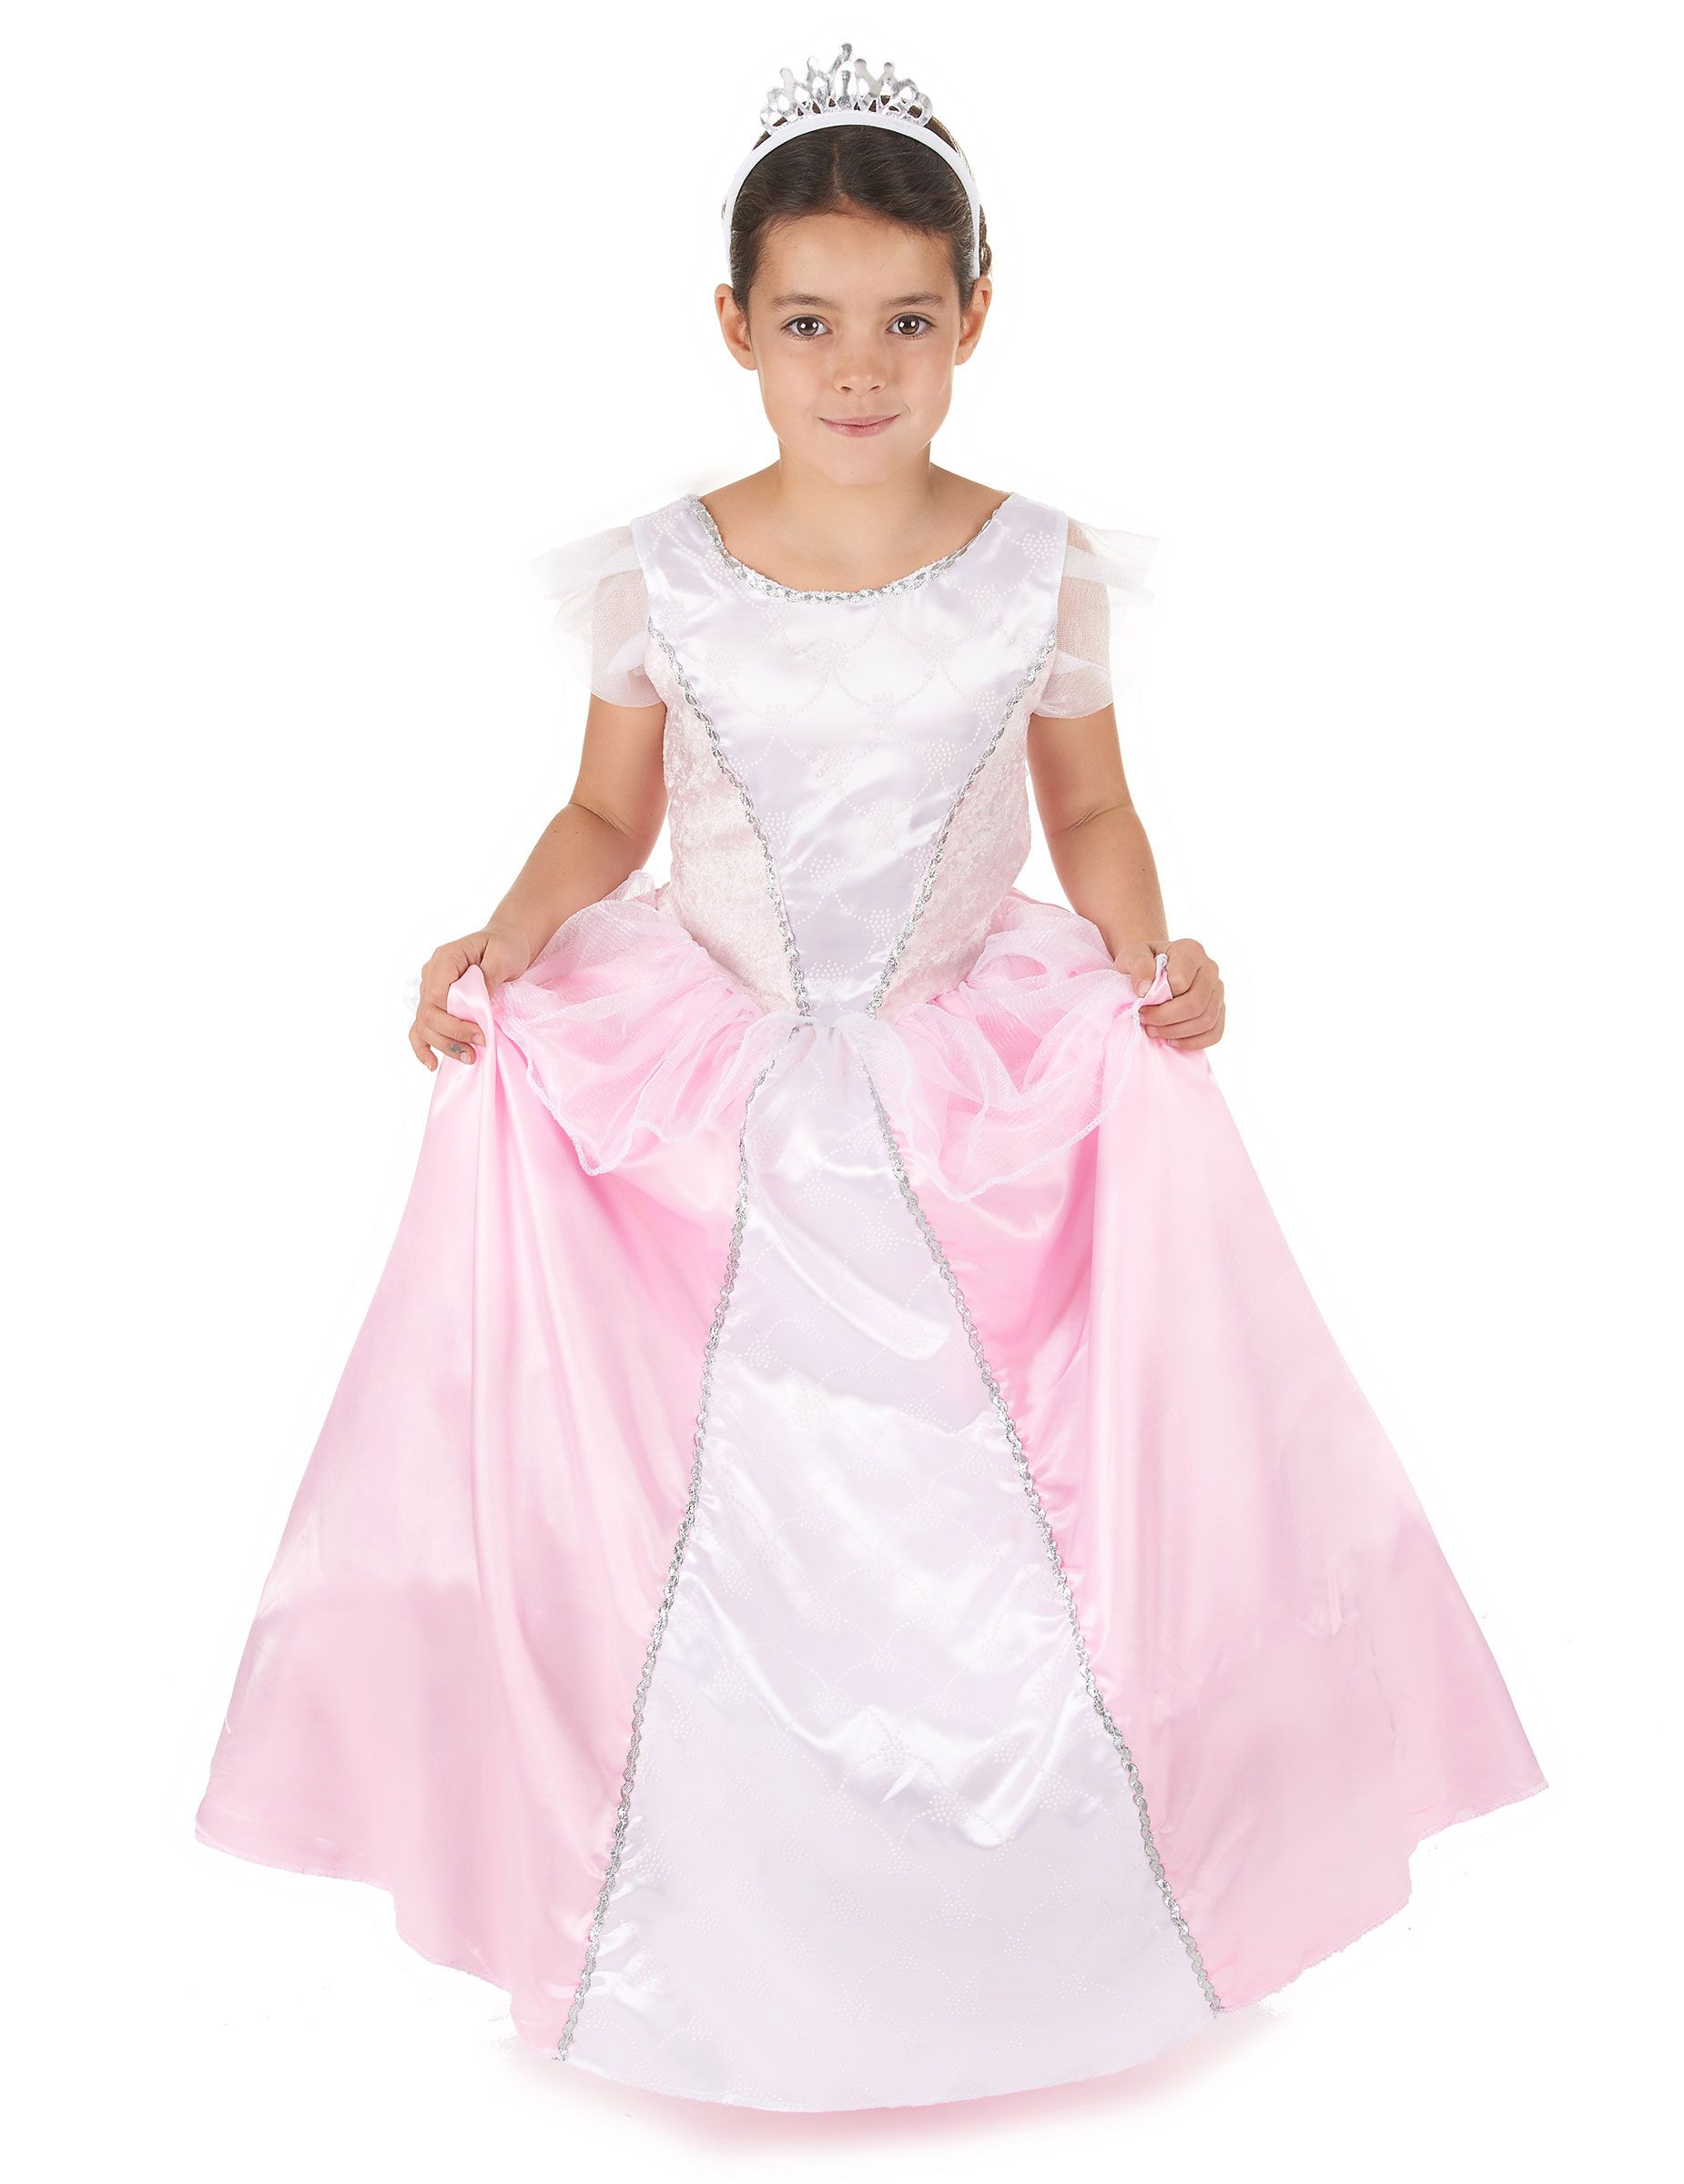 Disfraz princesa niña rosa y blanco | Disfraz princesa, Disfraz de ...